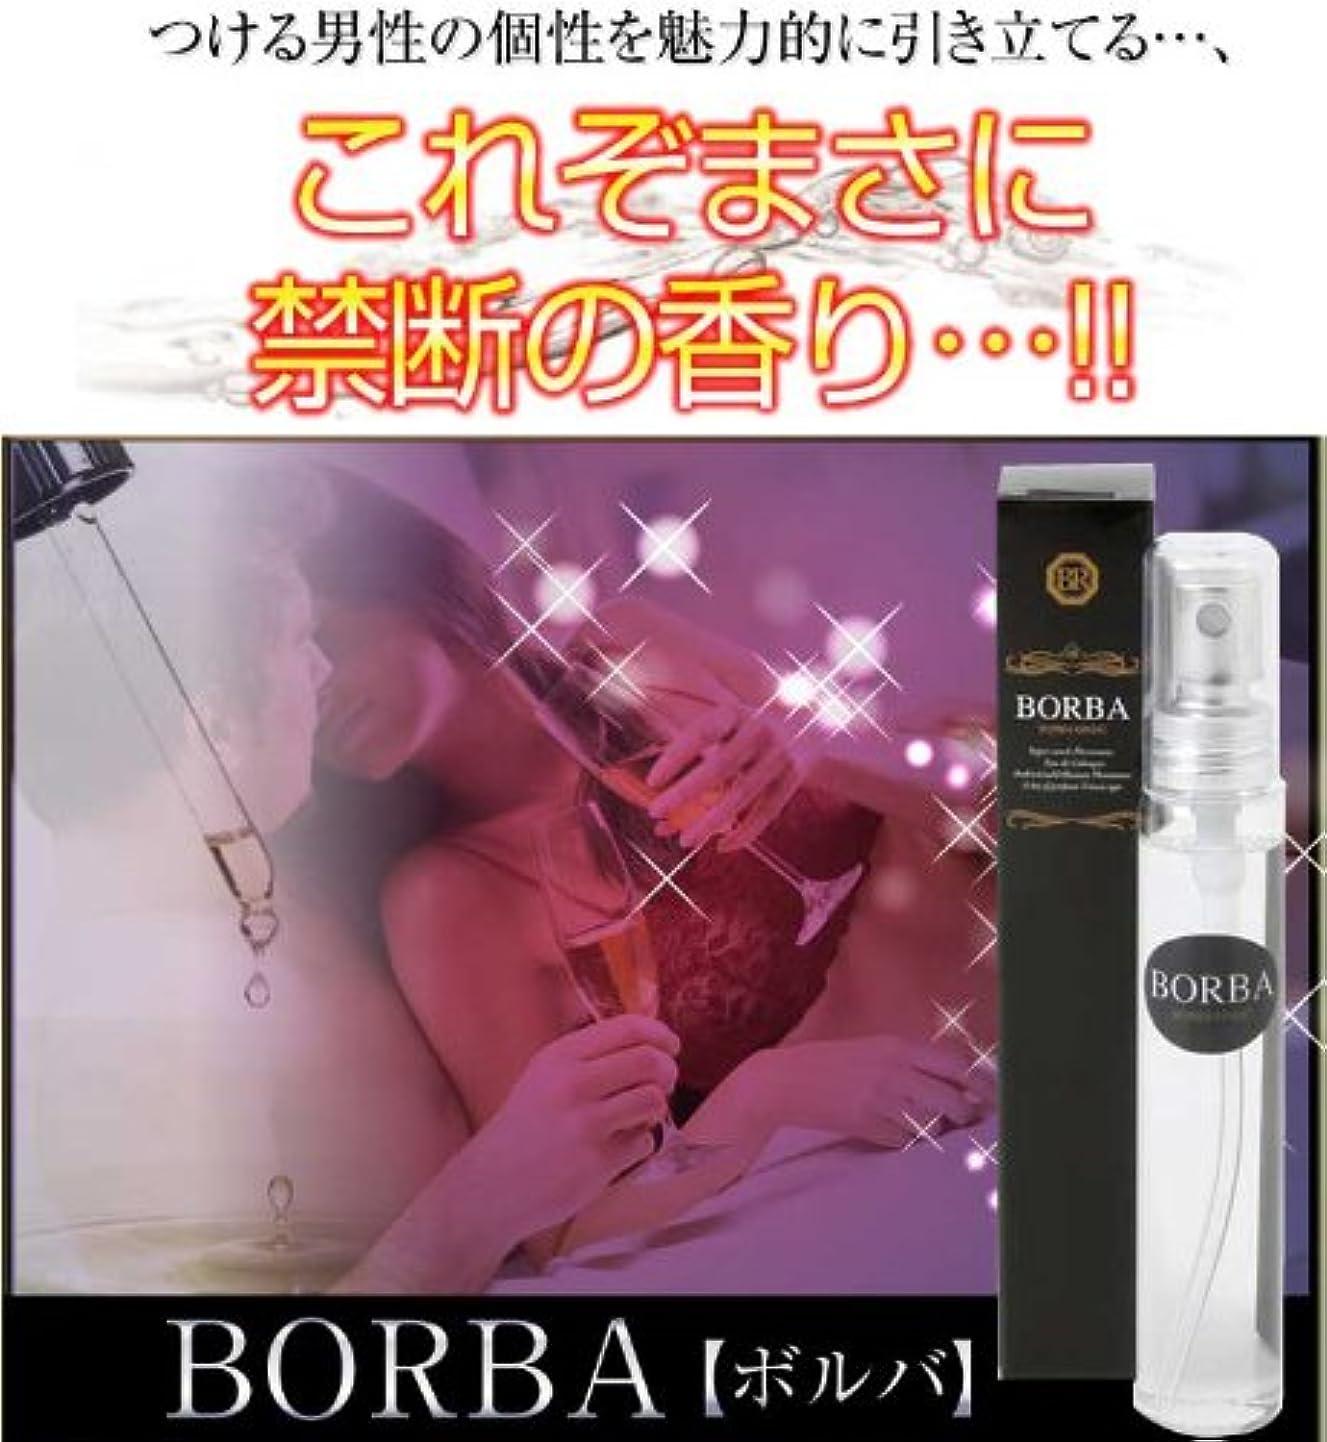 分離常習者階層BORBA ボルバ(男性用フェロモン香水)